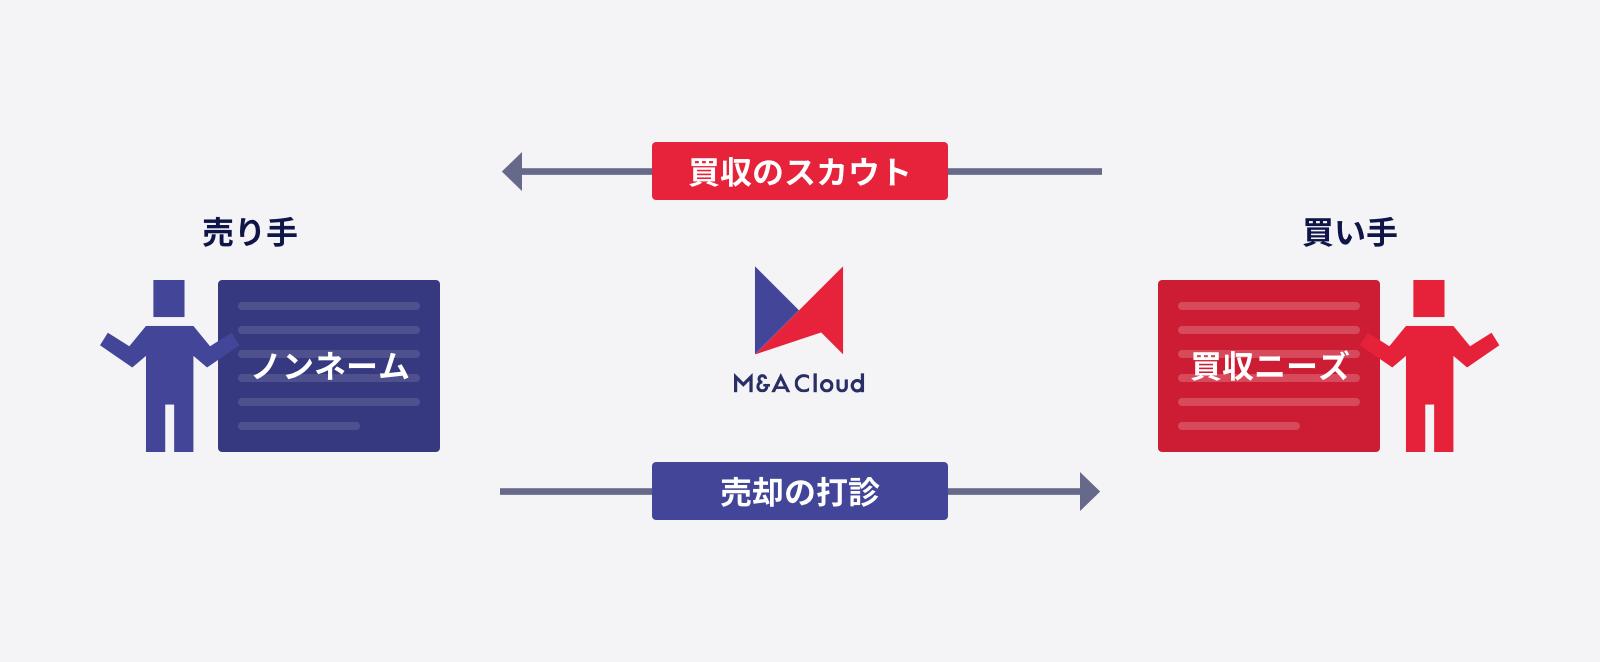 M&Aクラウド、話題のITベンチャー3社の代表をパネリストに迎えた買い手担当者交流イベント「Synergy ...